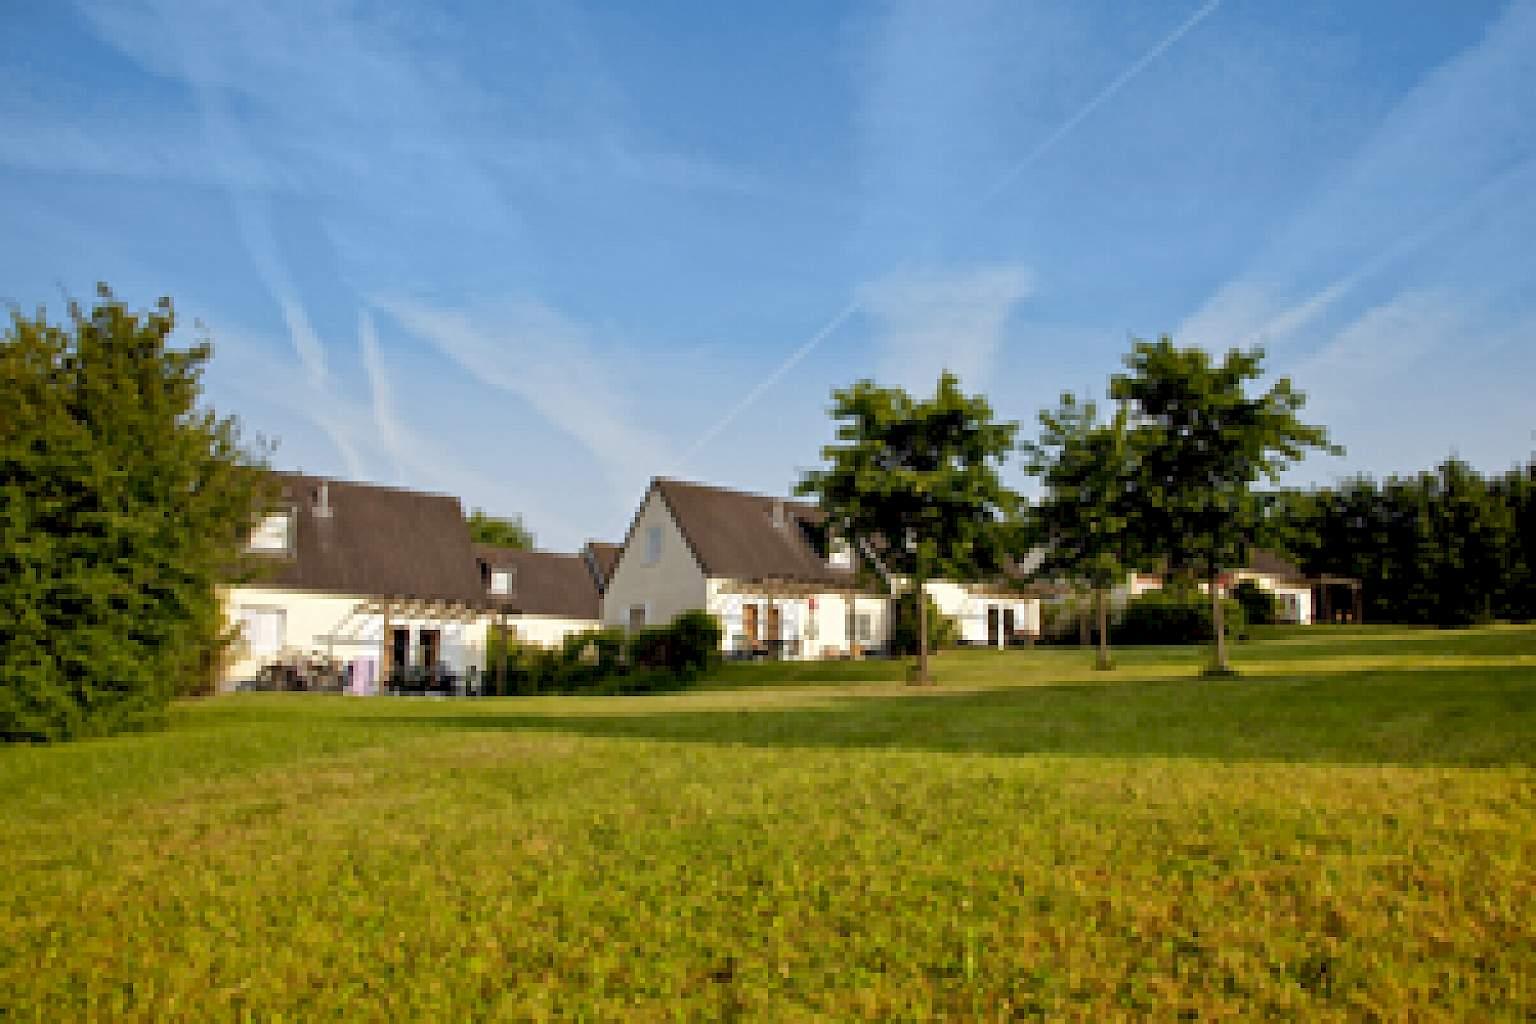 Urlaubsvergnügen In Der Eifel Therapie Onlinede